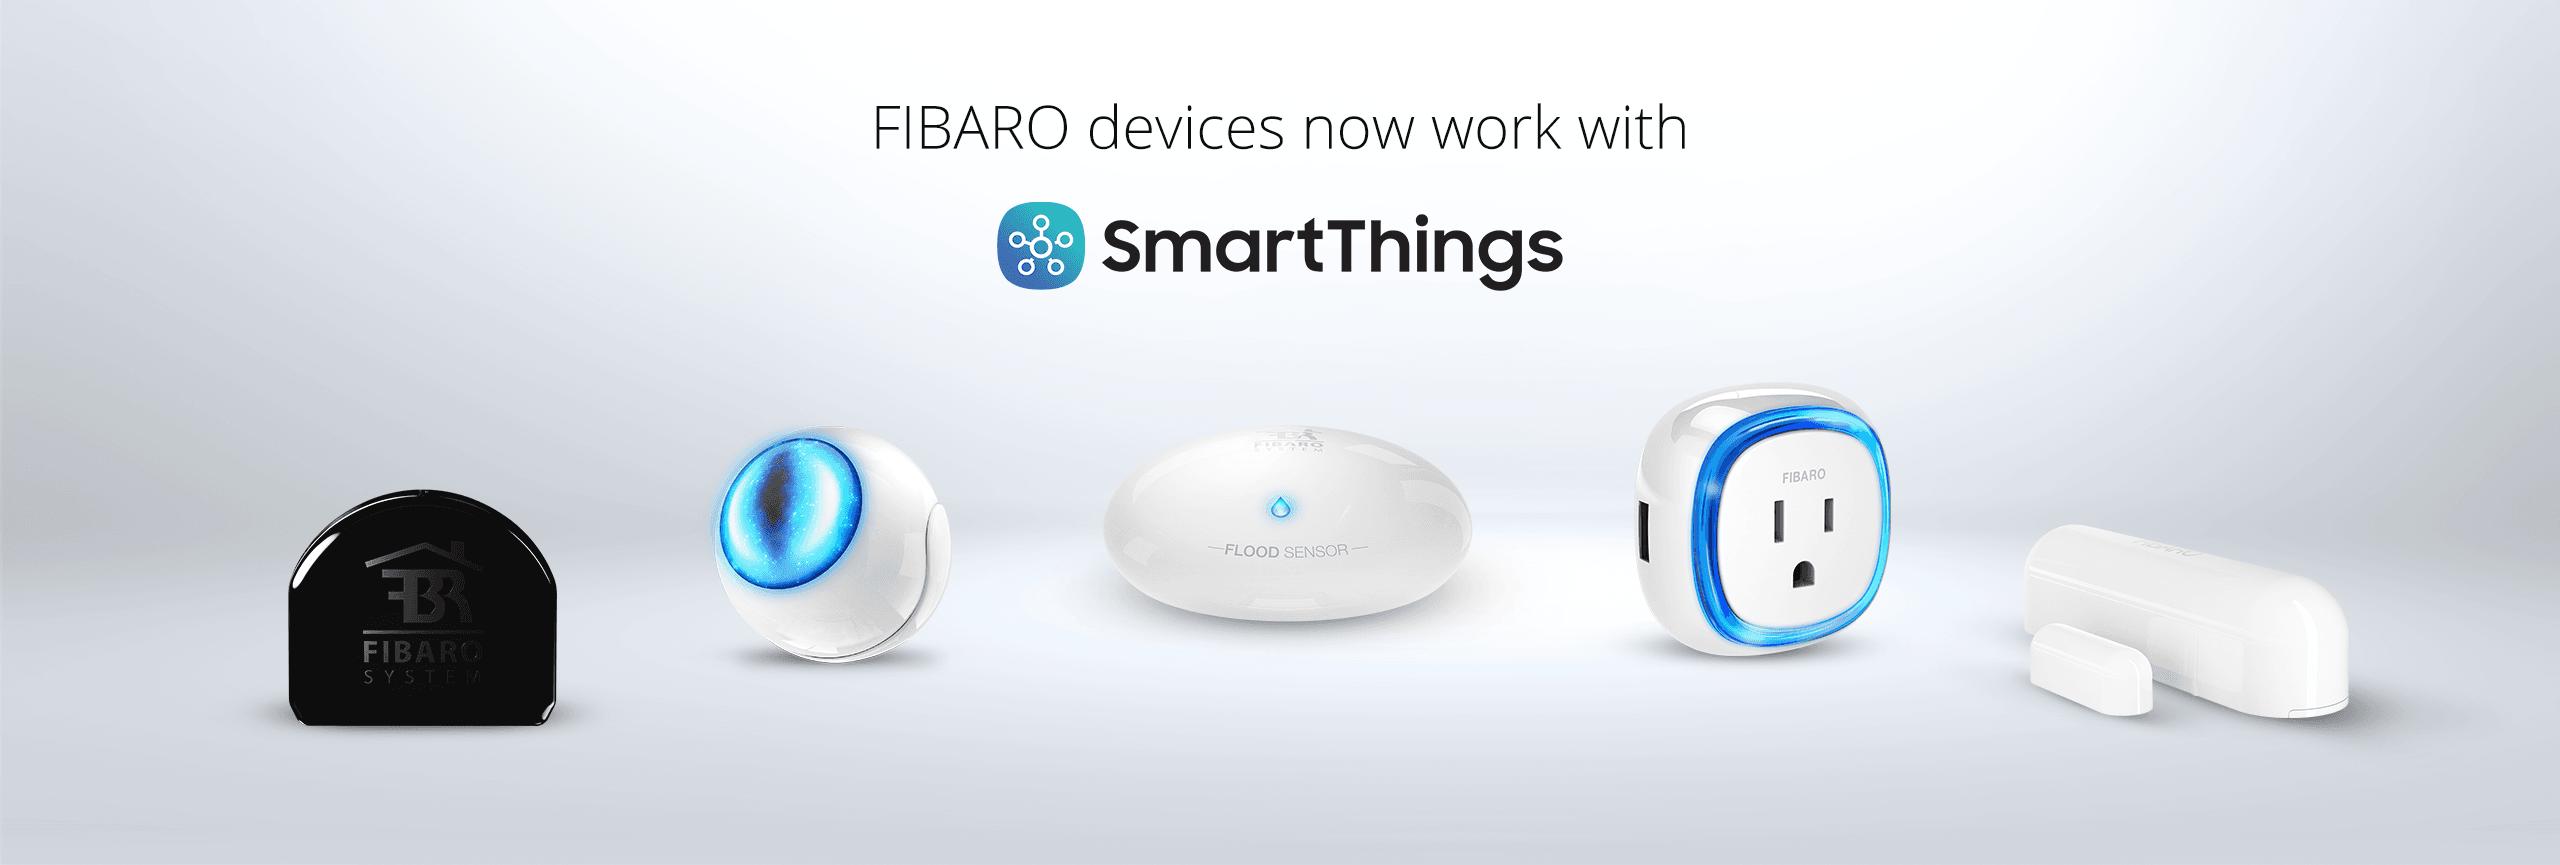 Sprzęty dla inteligentnego domu od FIBARO współpracują już z platformą Samsung SmartThings 29